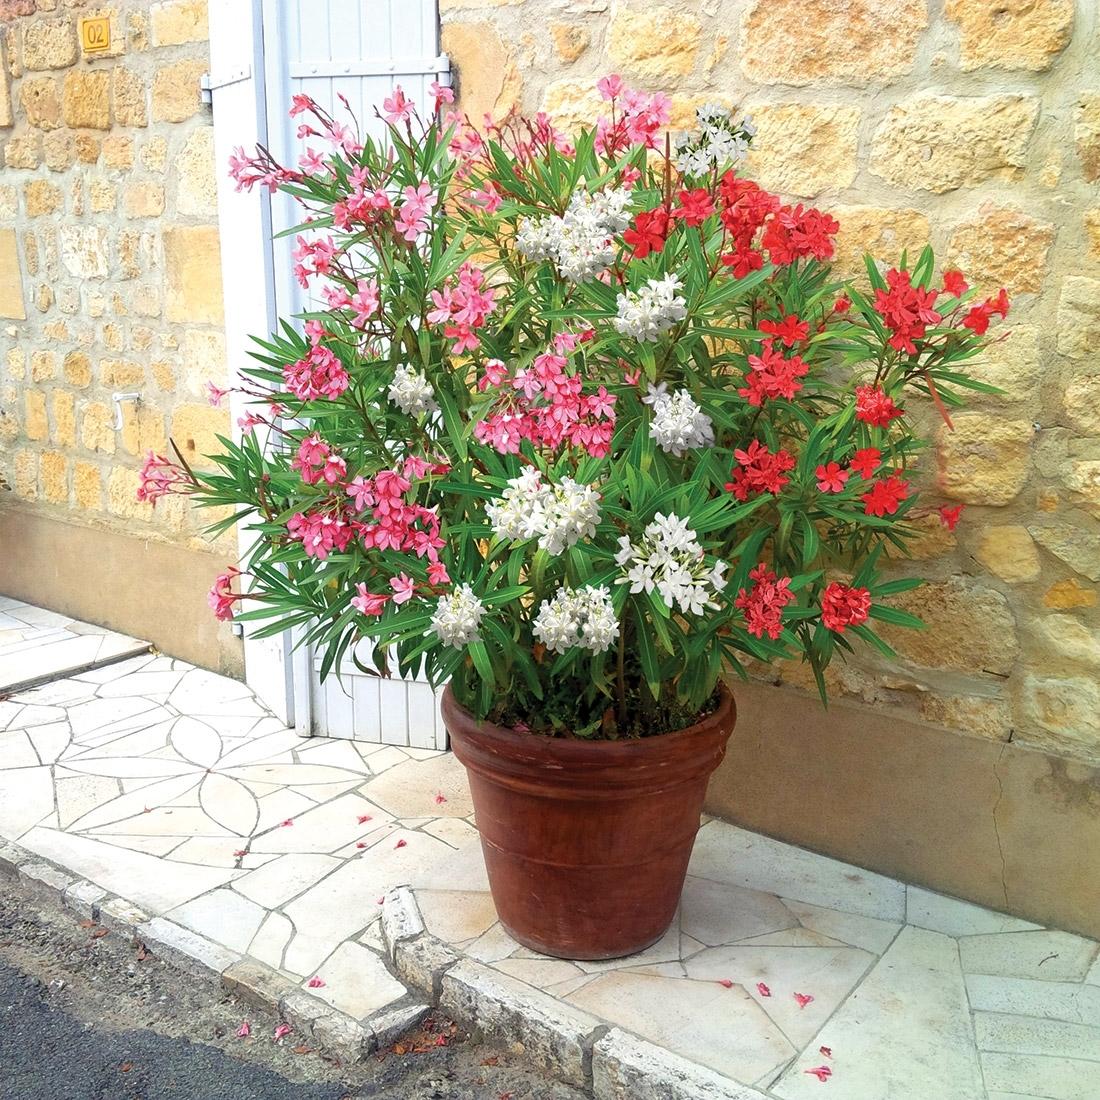 Oleandro in vaso piante da terrazzo coltivare l for Piante da frutto nane in vaso